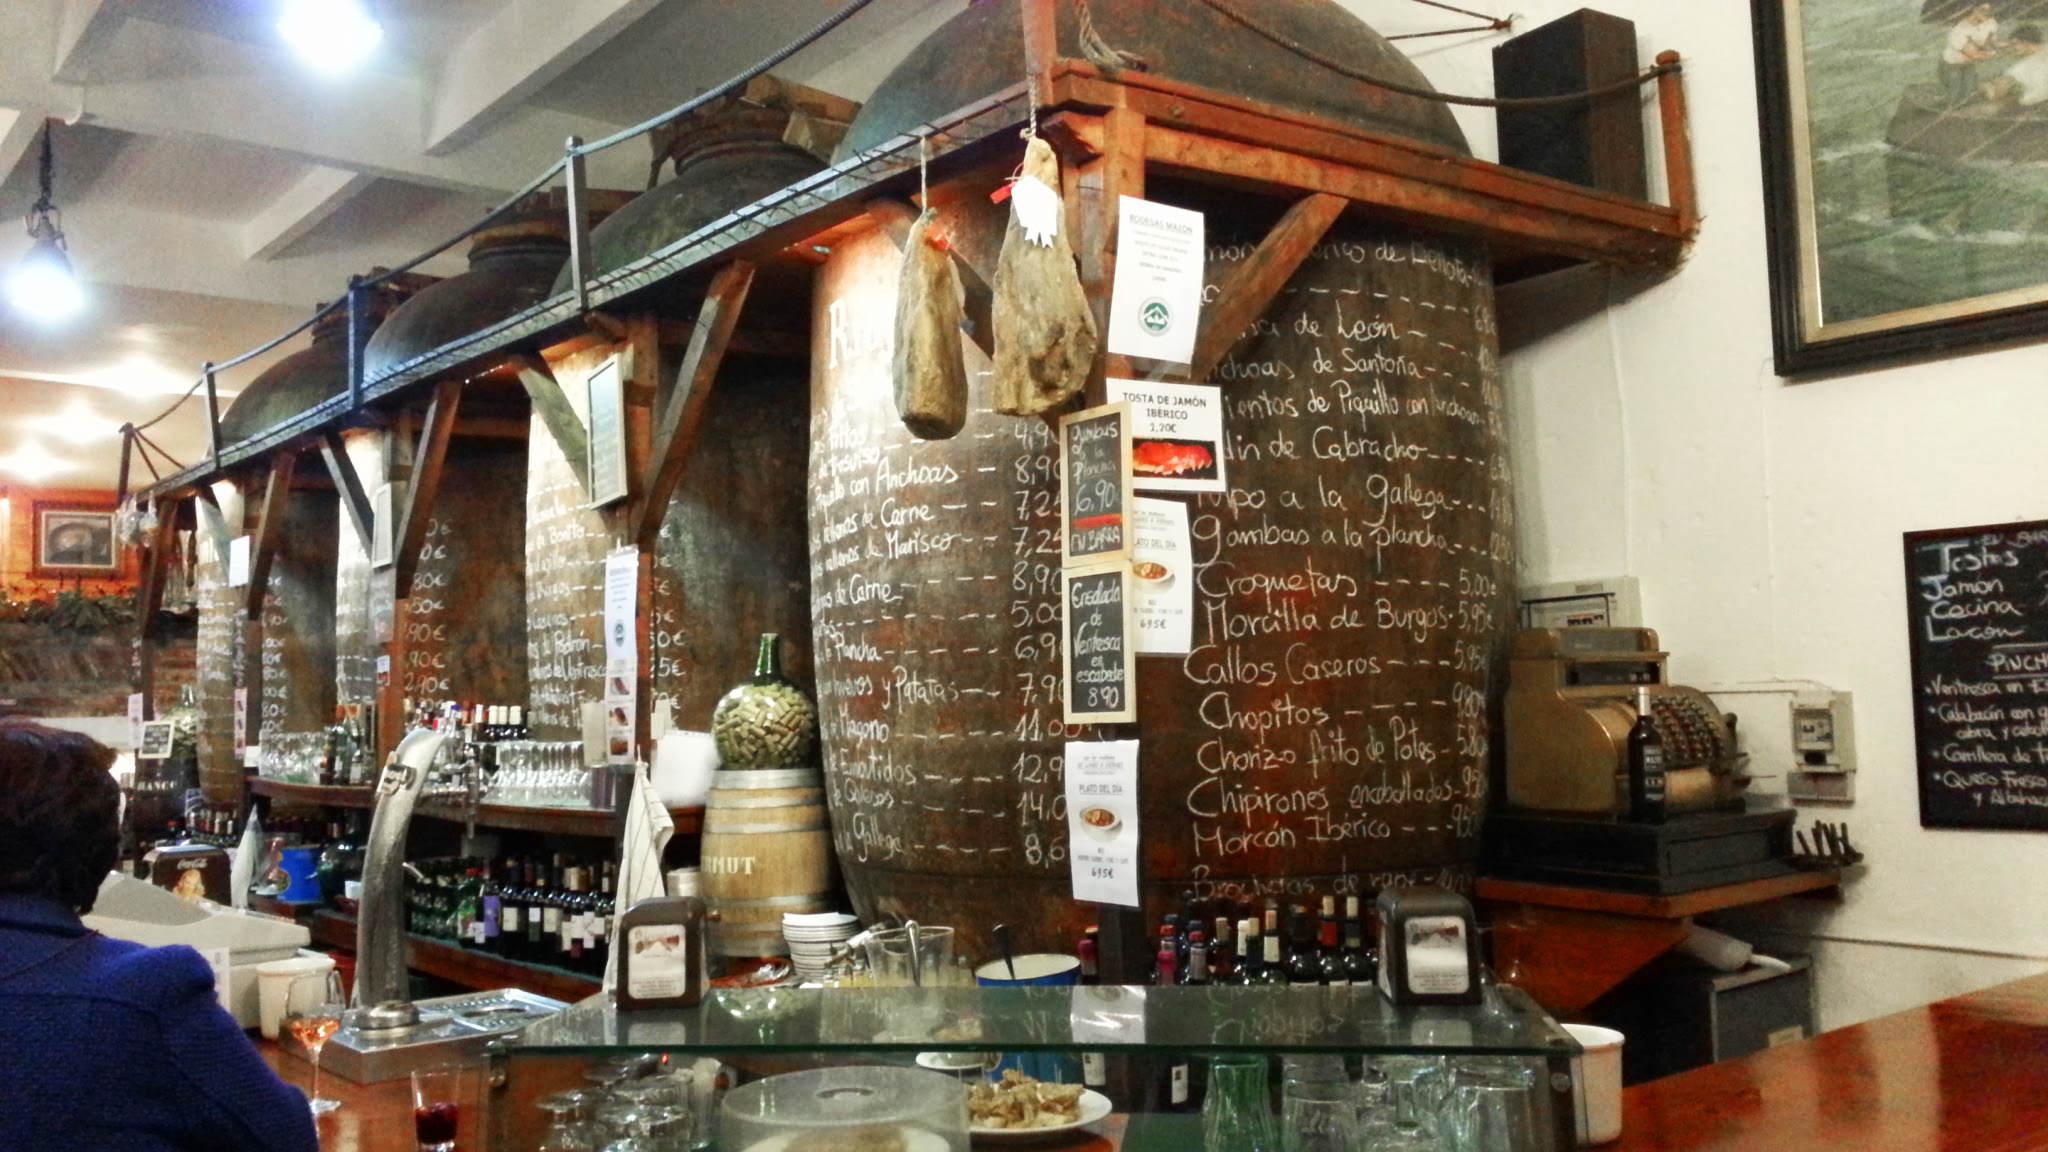 Decoracion de bodegas caseras great un restaurante acogedor con sillas estilo vintage y unas - Decoracion de bodegas caseras ...